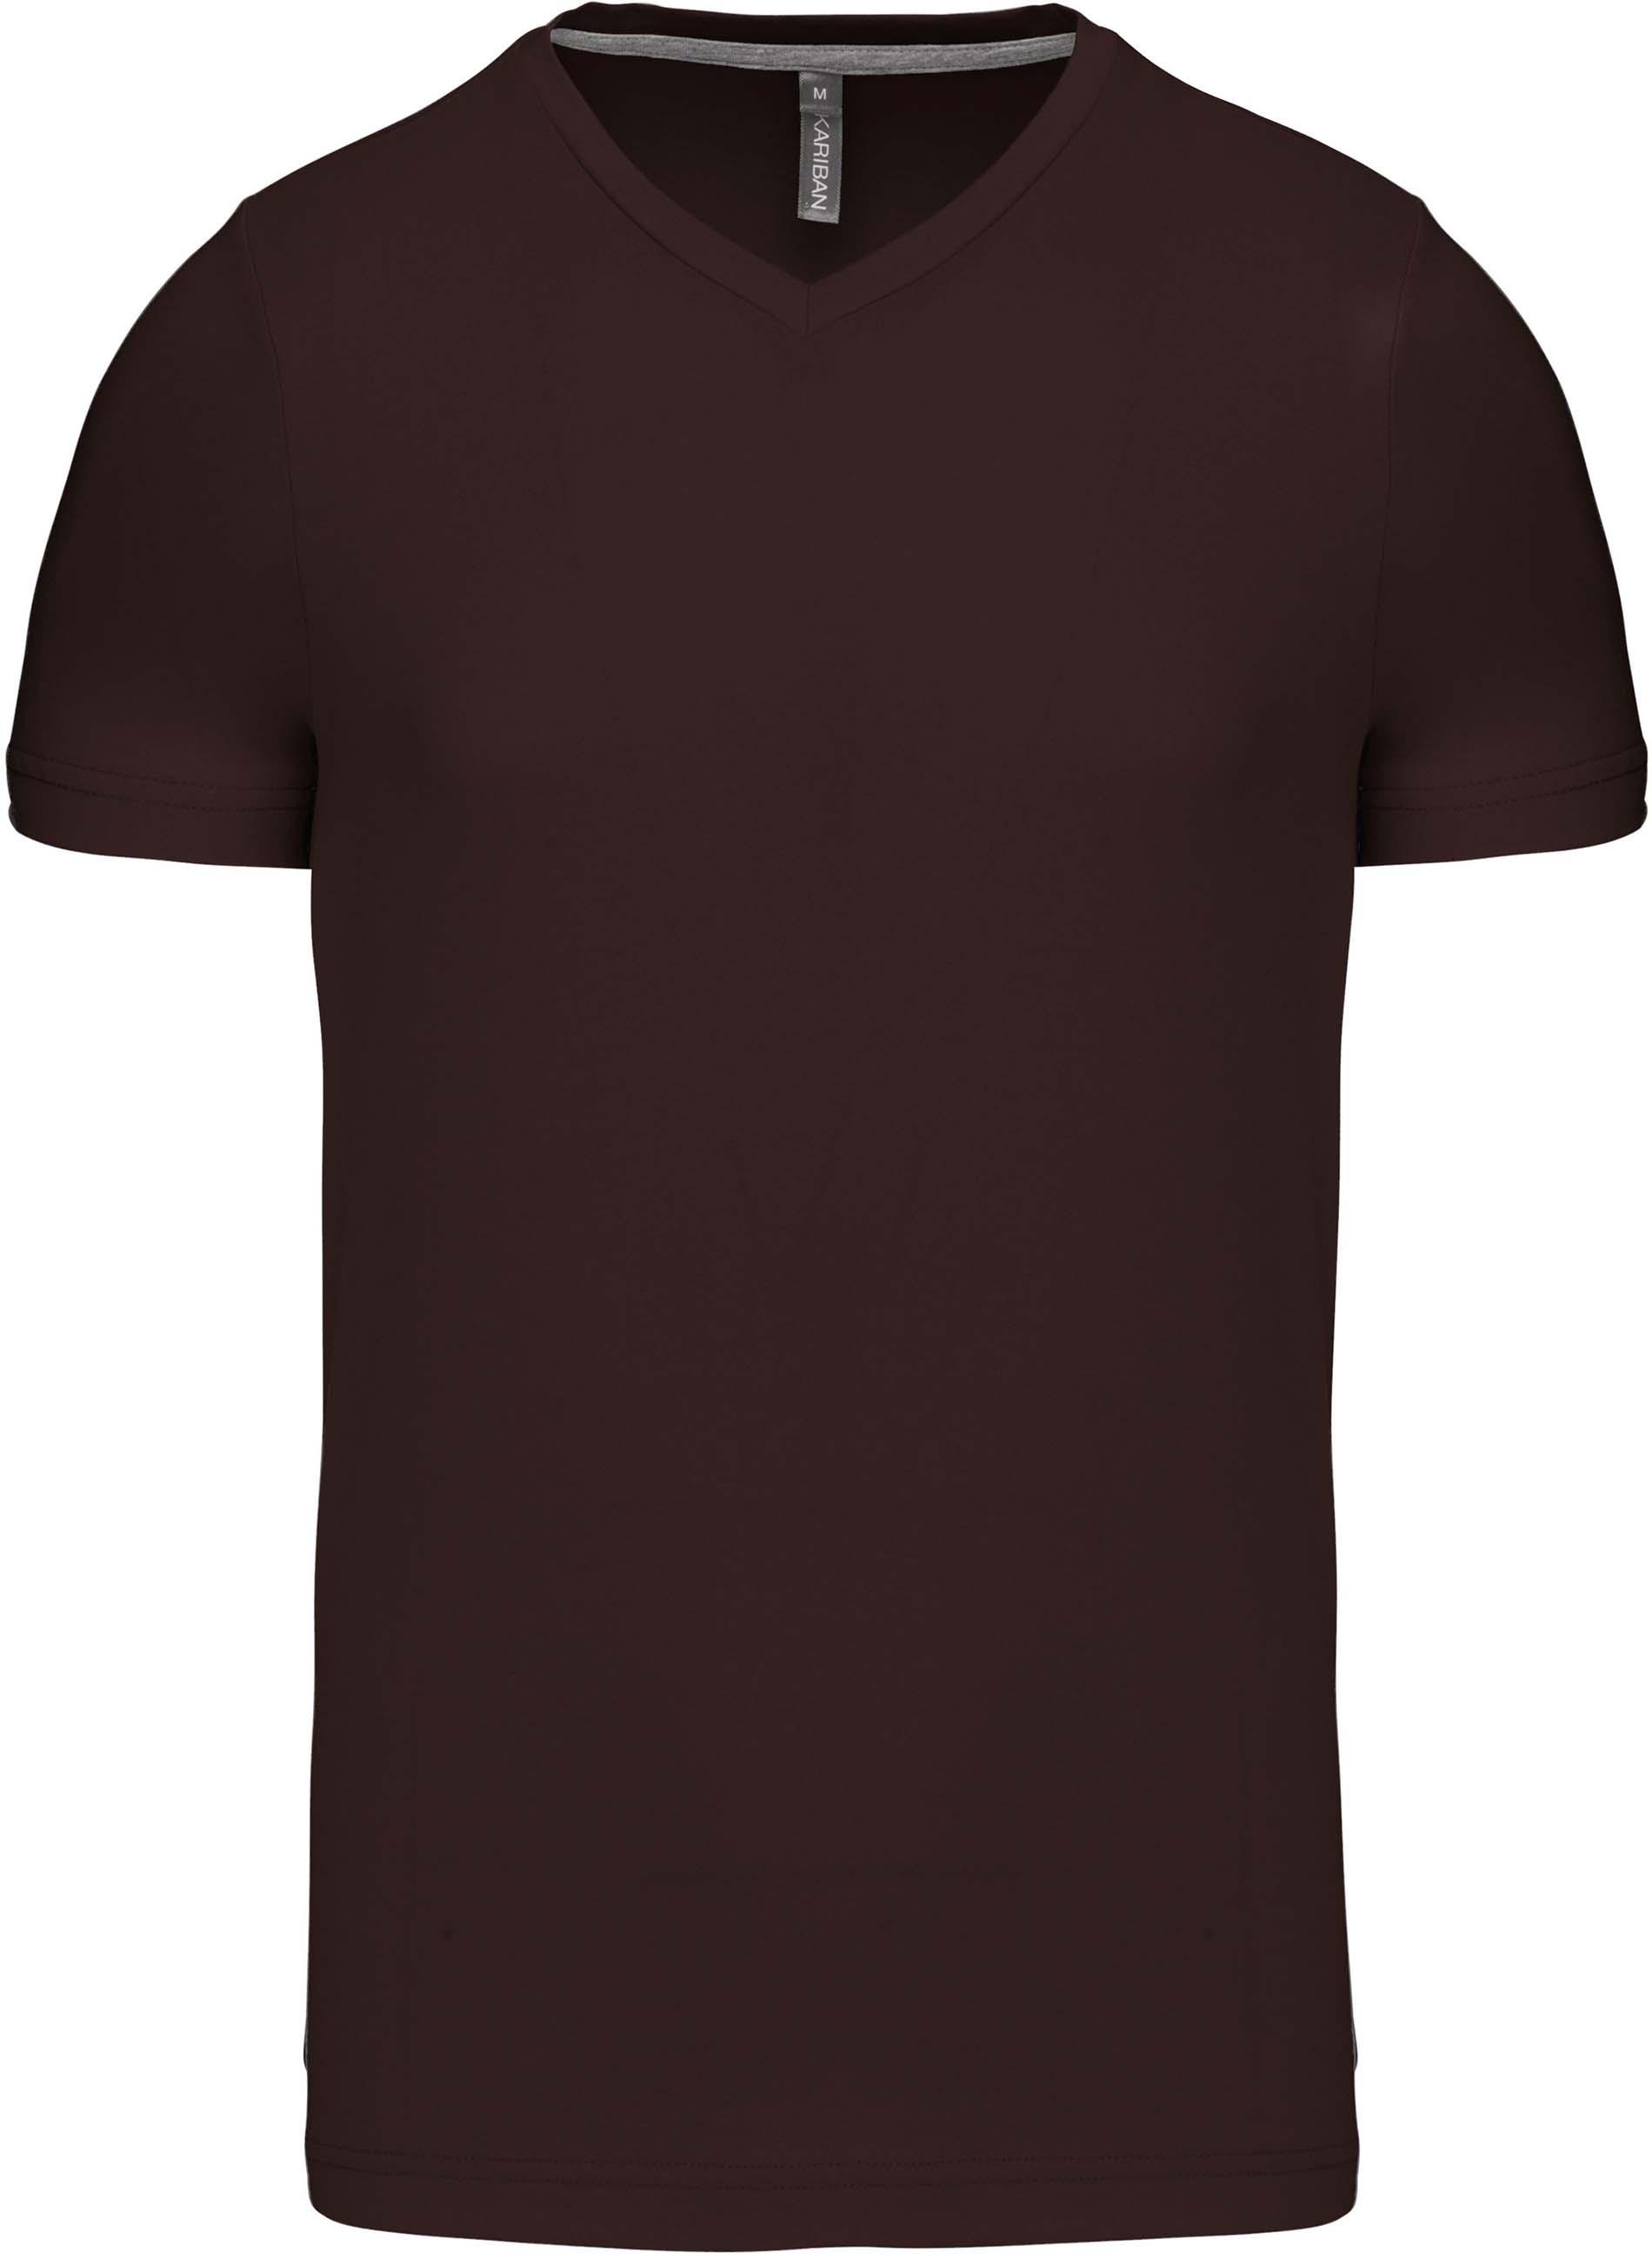 Pánské tričko kr.rukáv V-neck. Barva: Chocolate